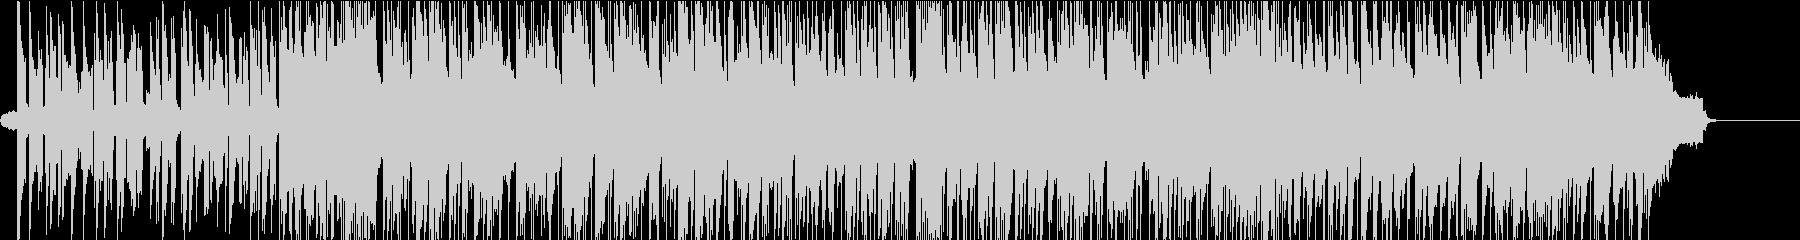 ピアノのアドリブがおしゃれなバンド曲の未再生の波形